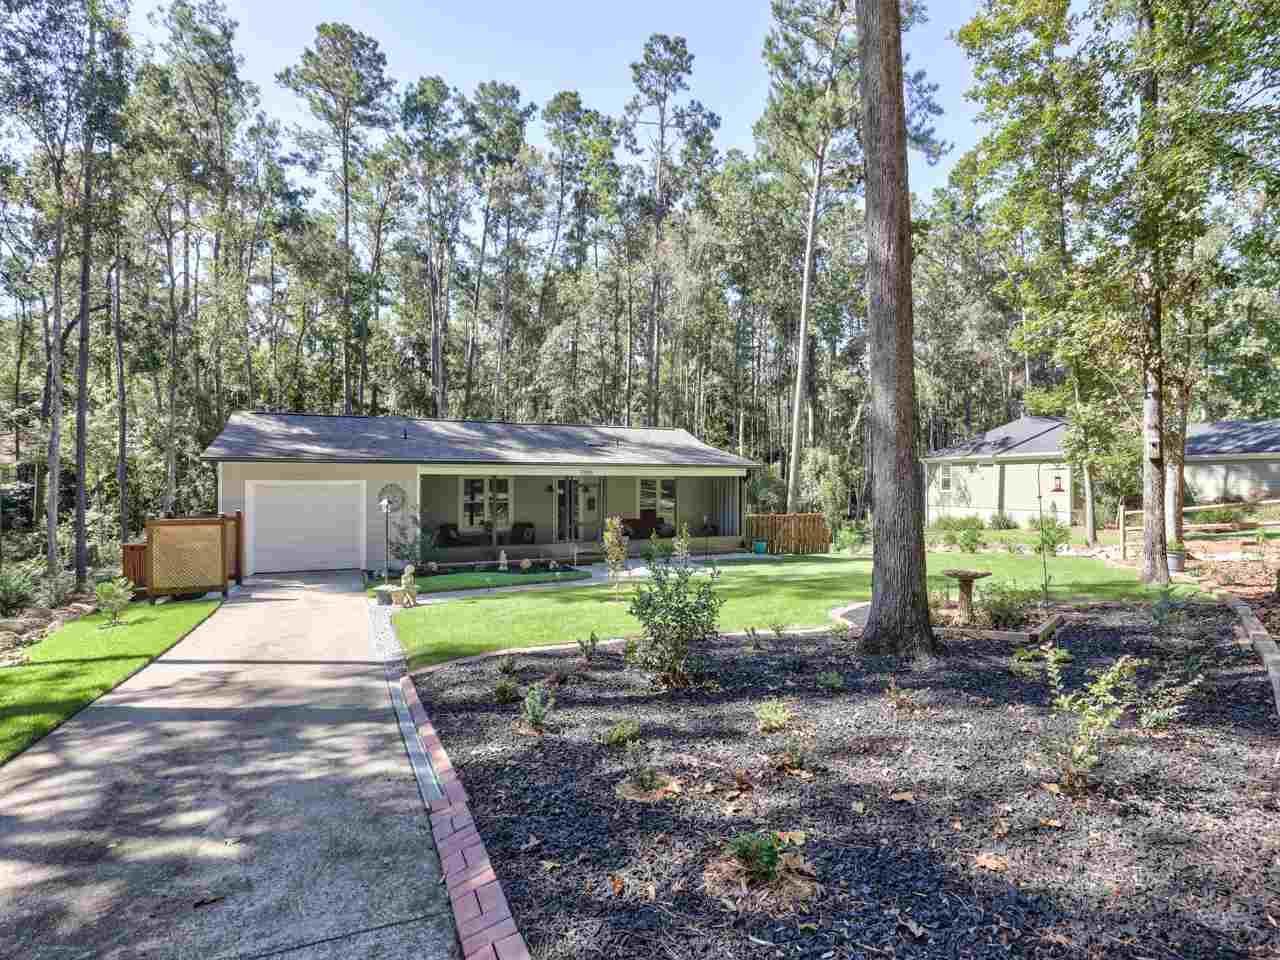 Photo of 7993 S Briarcreek Road, TALLAHASSEE, FL 32312 (MLS # 324300)